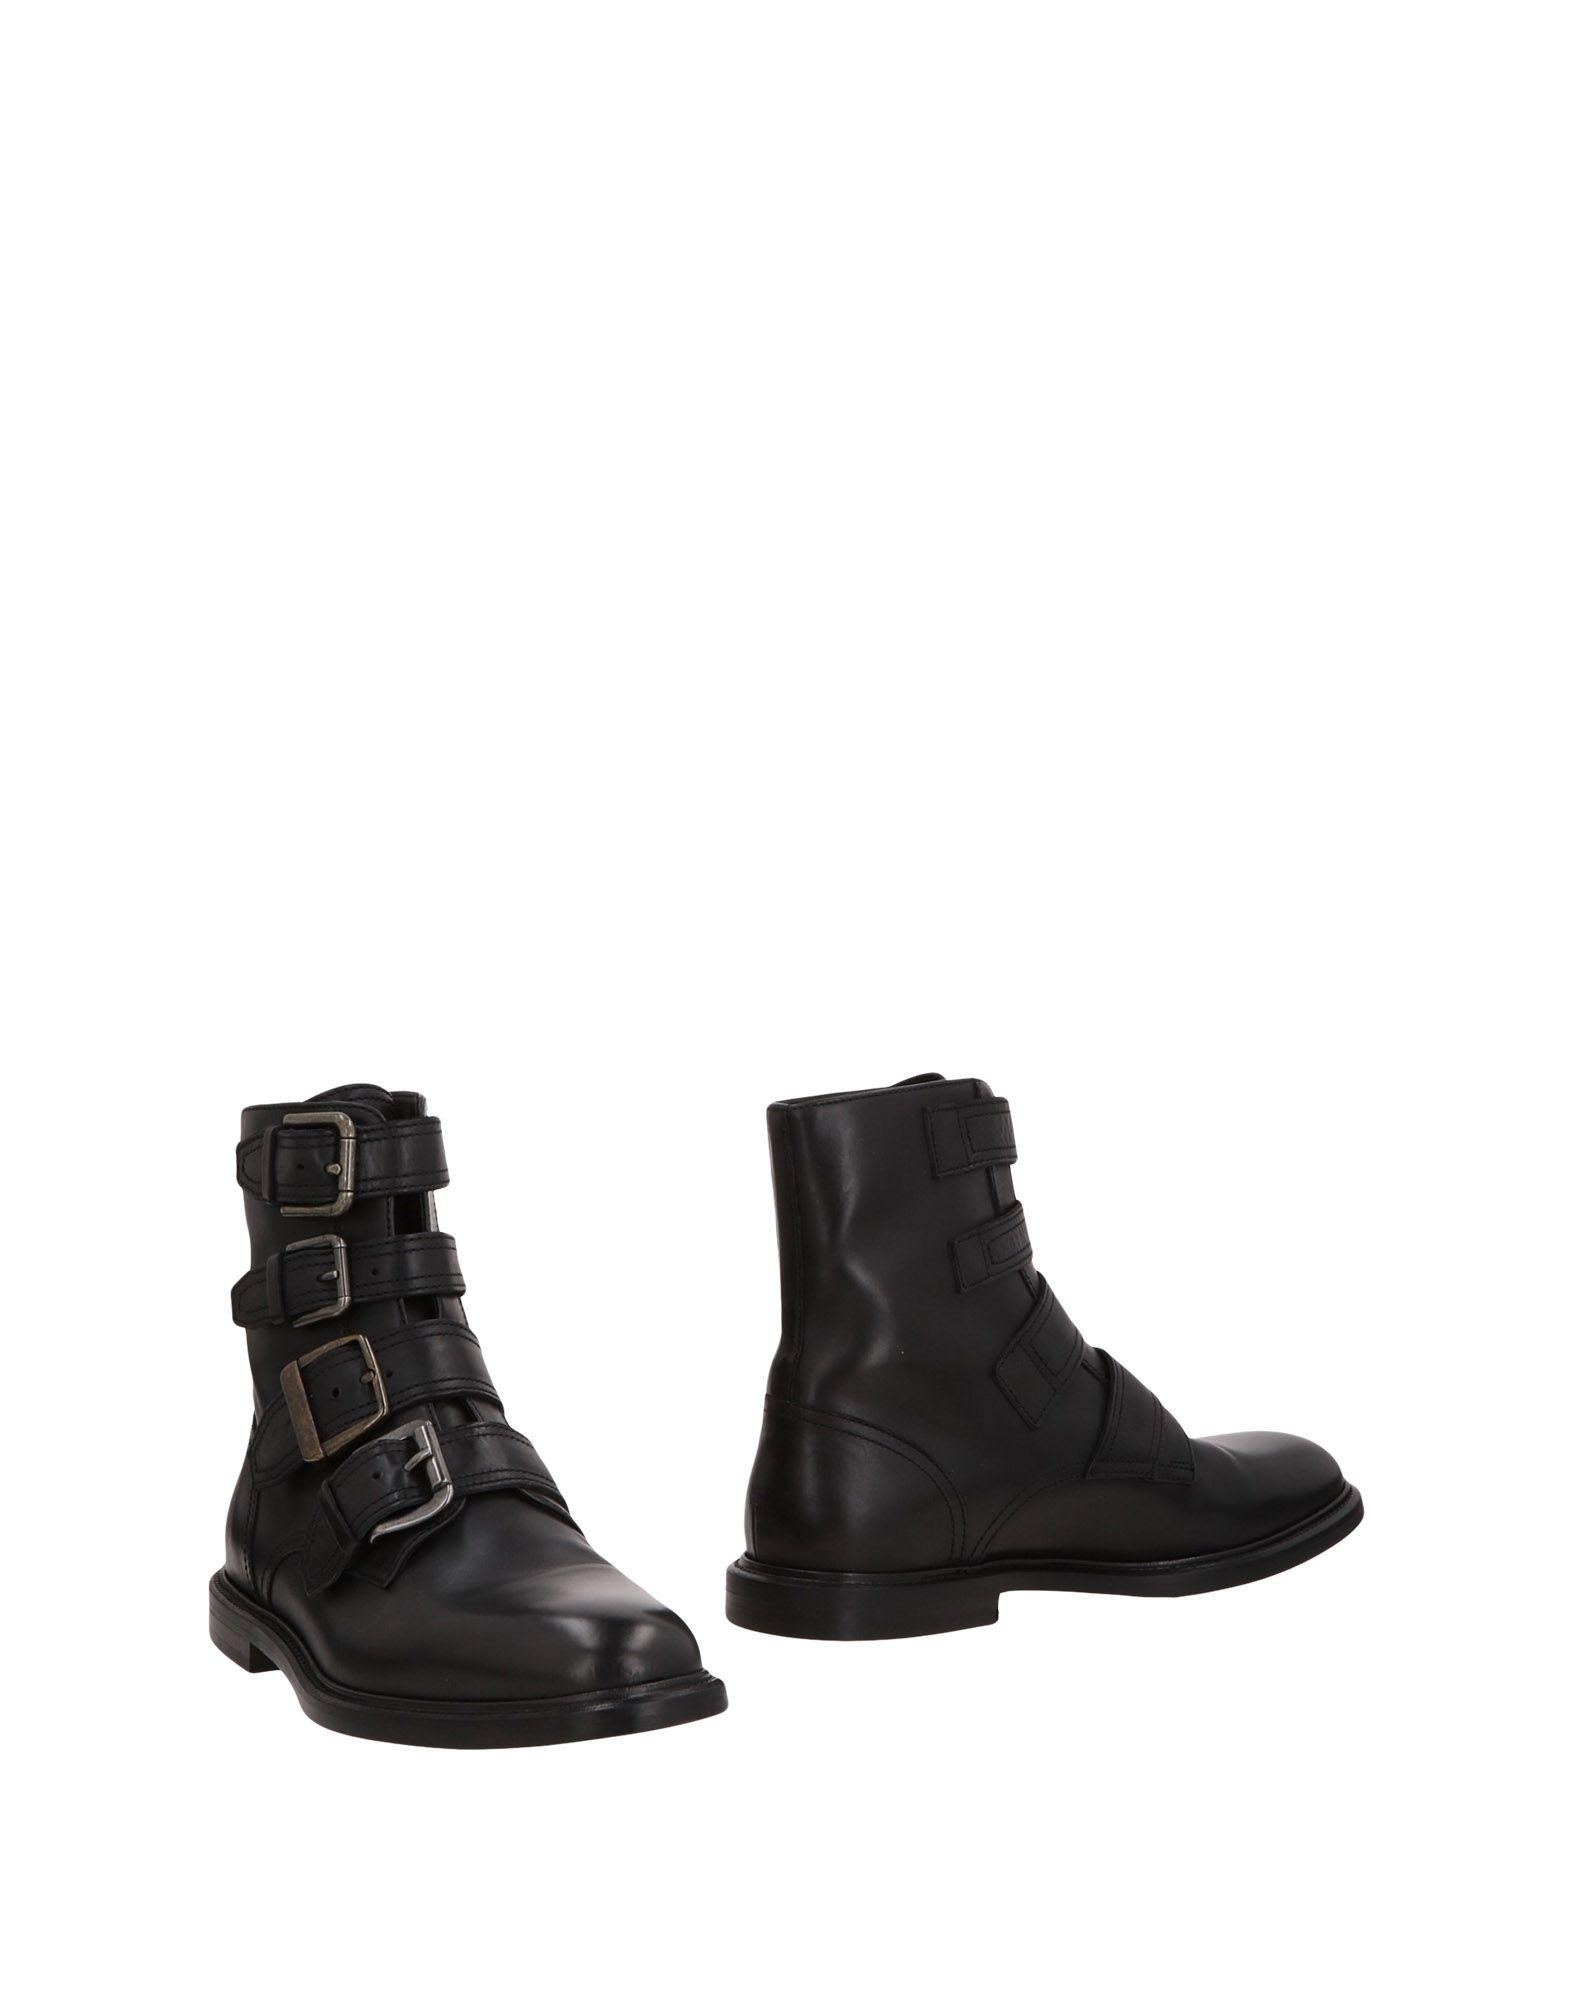 Dolce & Gabbana Stiefelette Herren  11465477DX Neue Schuhe